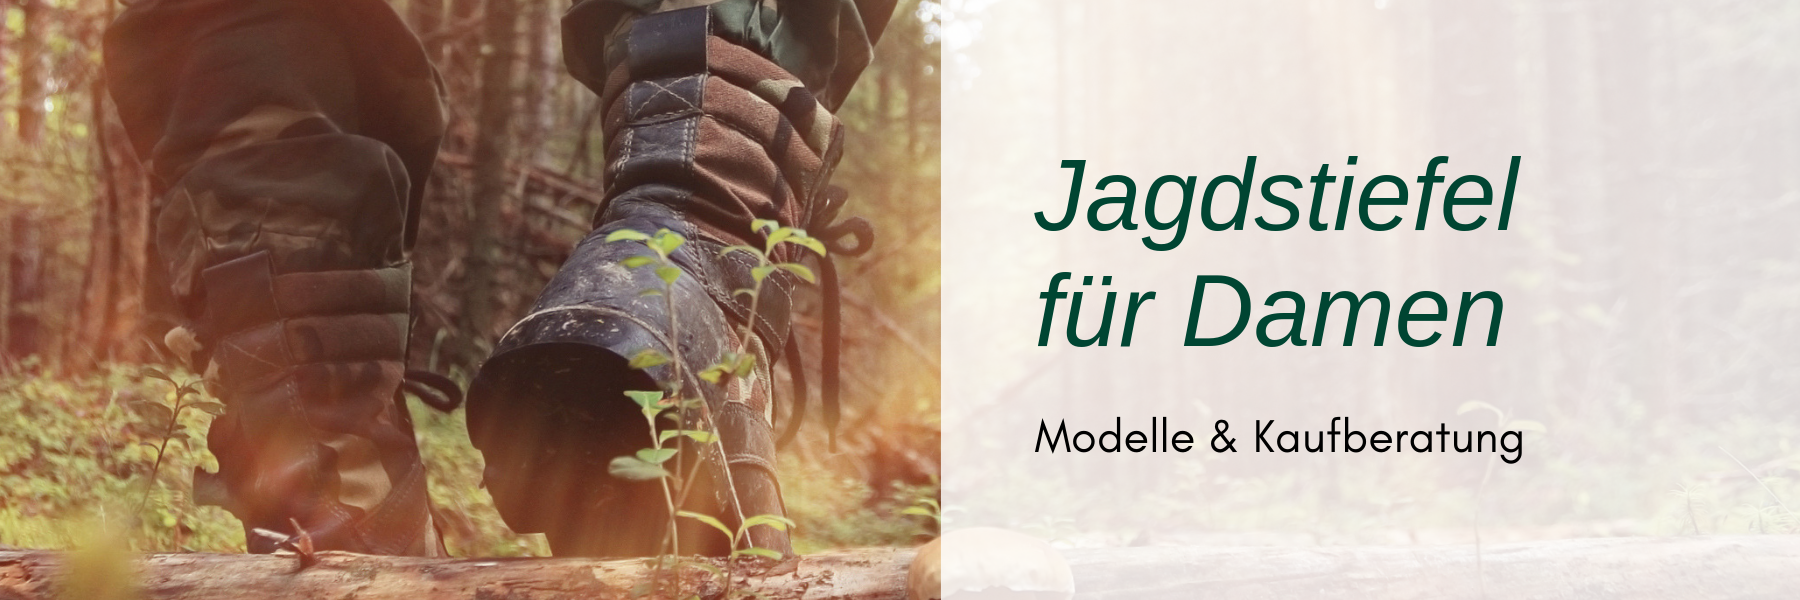 Jagdstiefel für Damen - Modelle & Kaufberatung